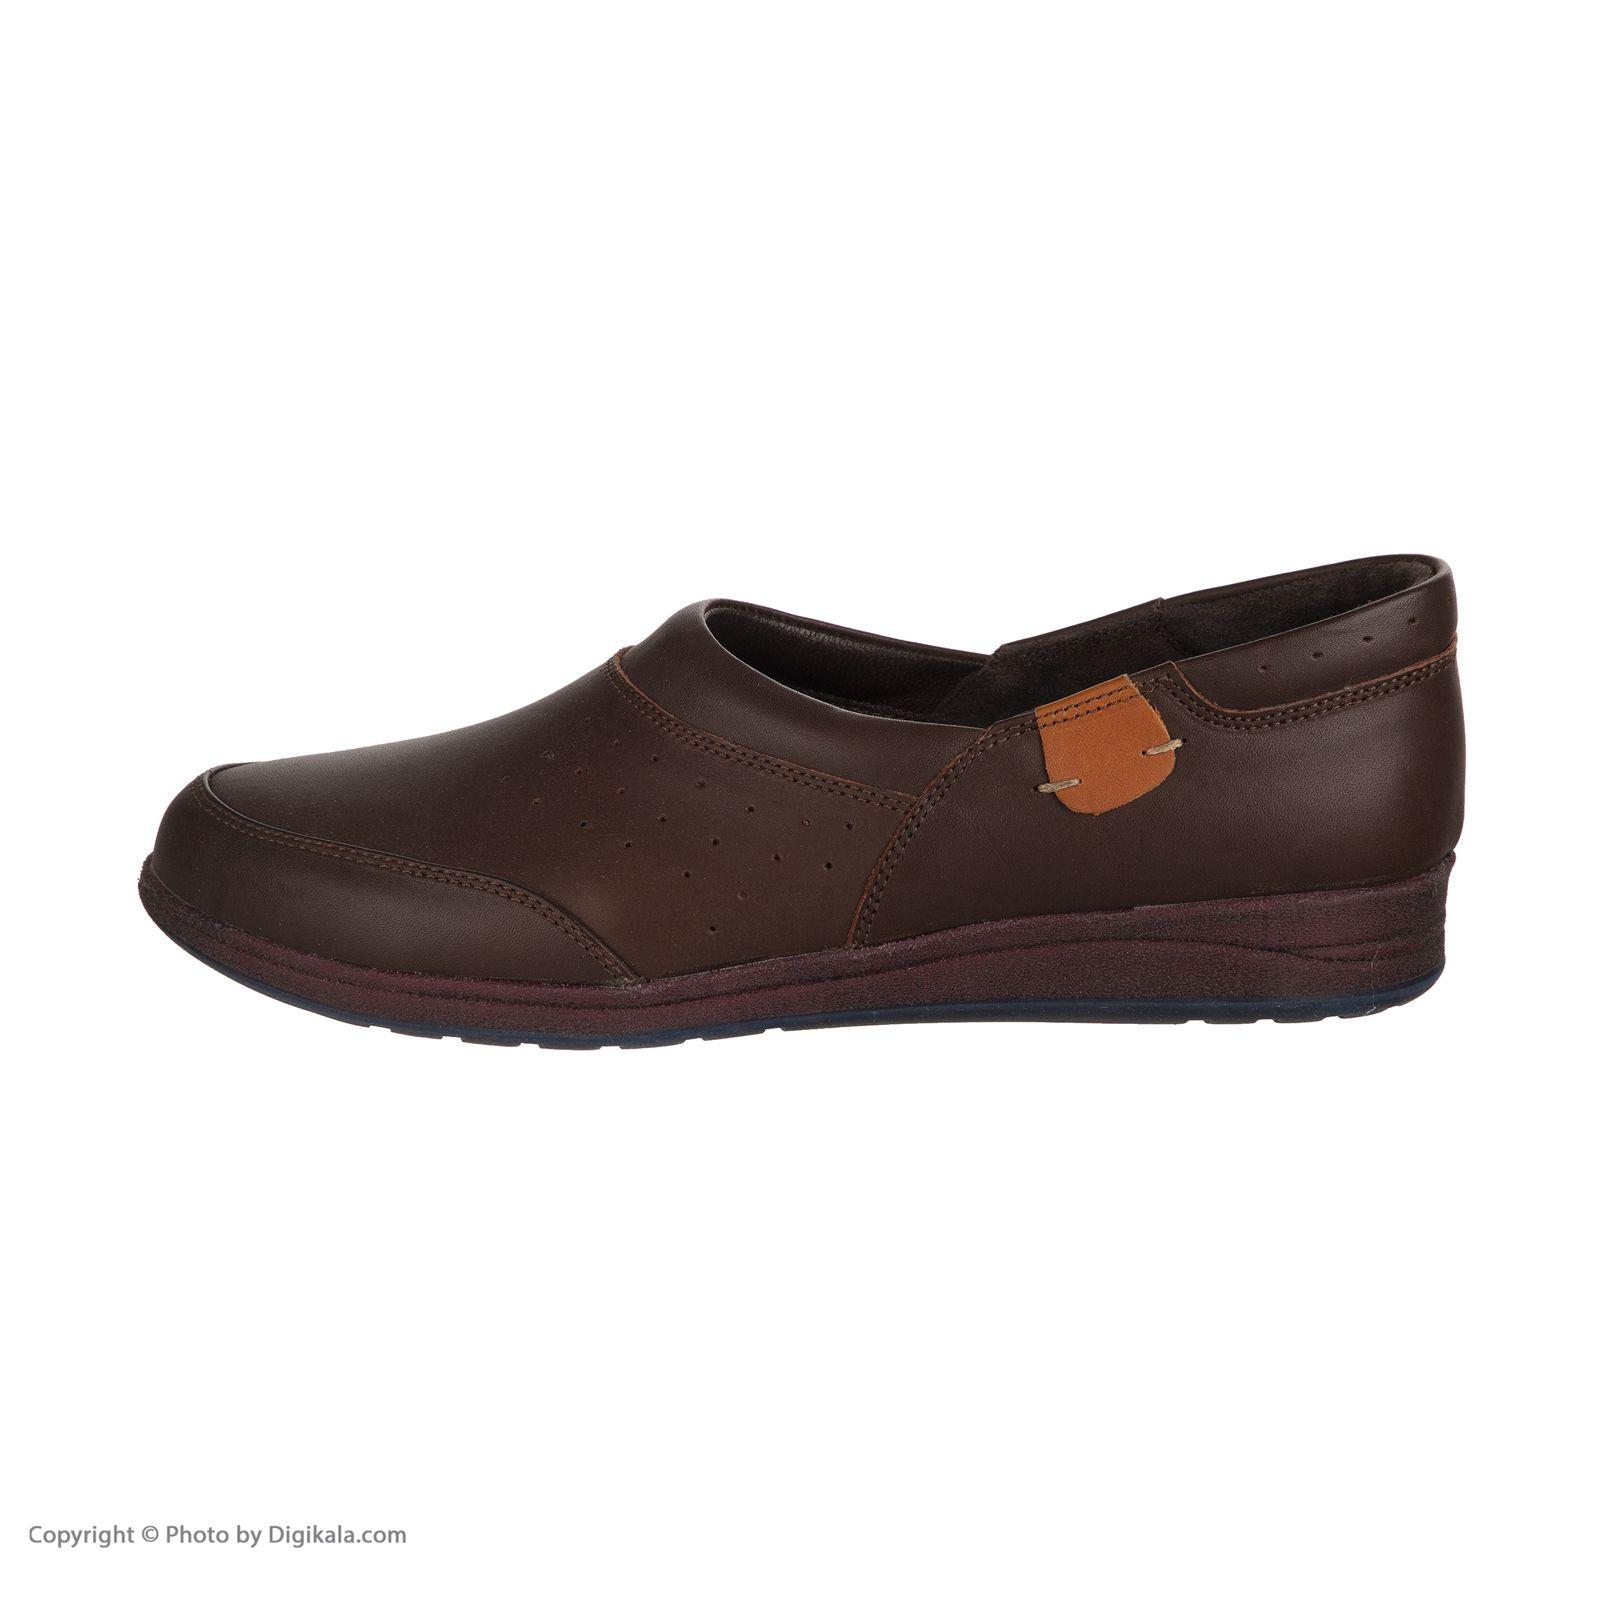 کفش روزمره زنانه سوته مدل 2959B500104 -  - 3